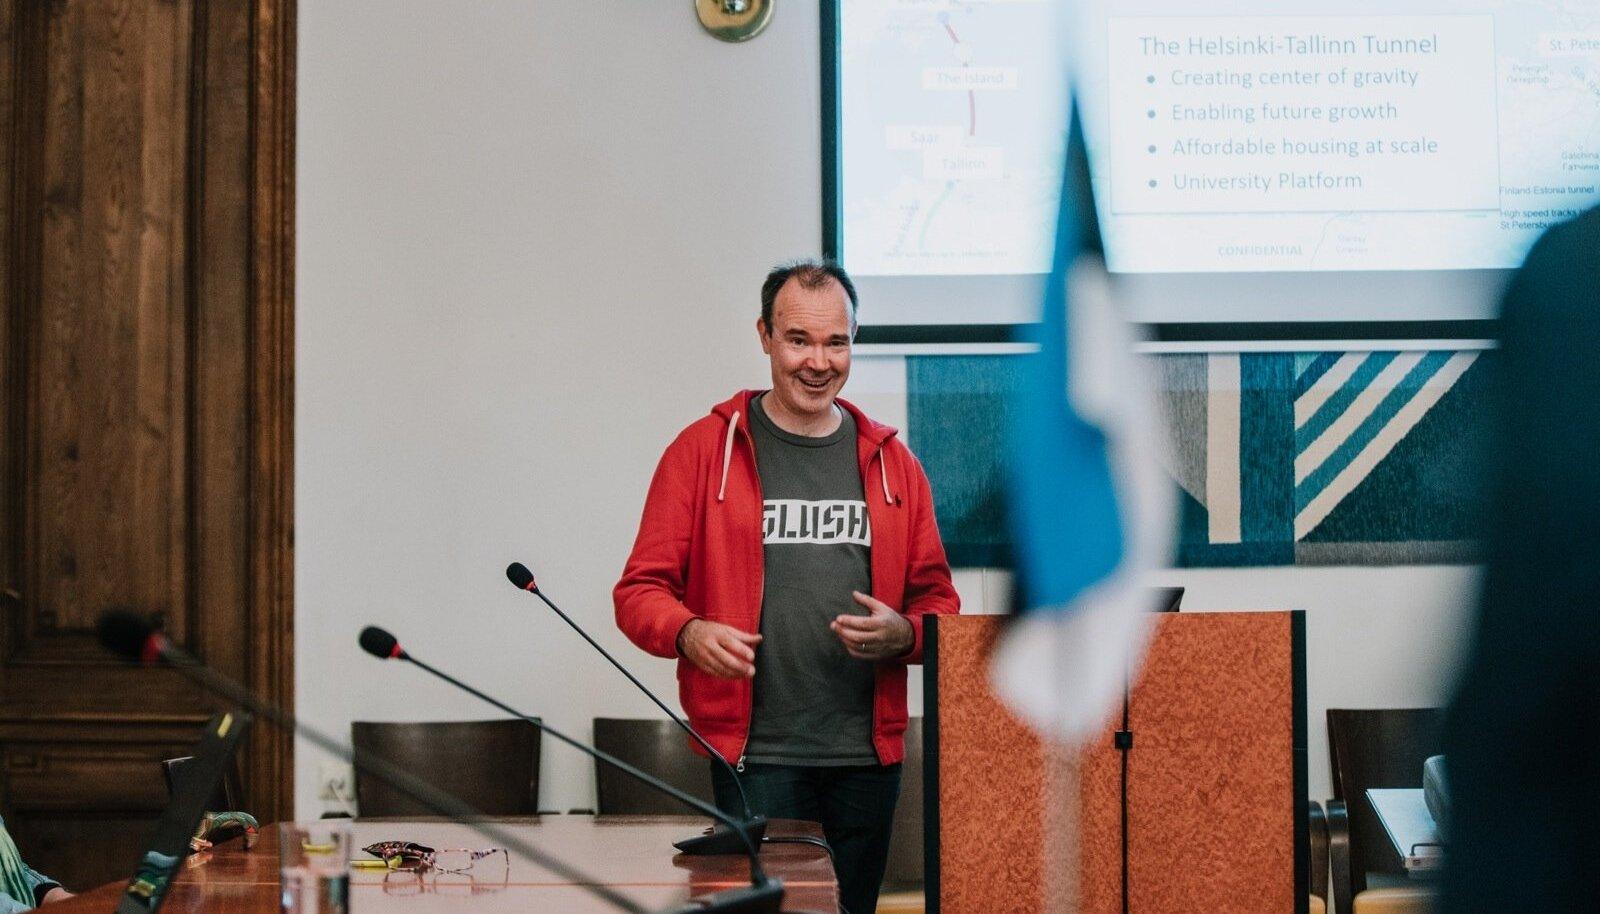 Tallinna-Helsingi tunneli rajamise toetusrühma koosolek Tallinna Linnavolikogus 17.06.2019. Arengutest kõneles Peter Vesrtebacka